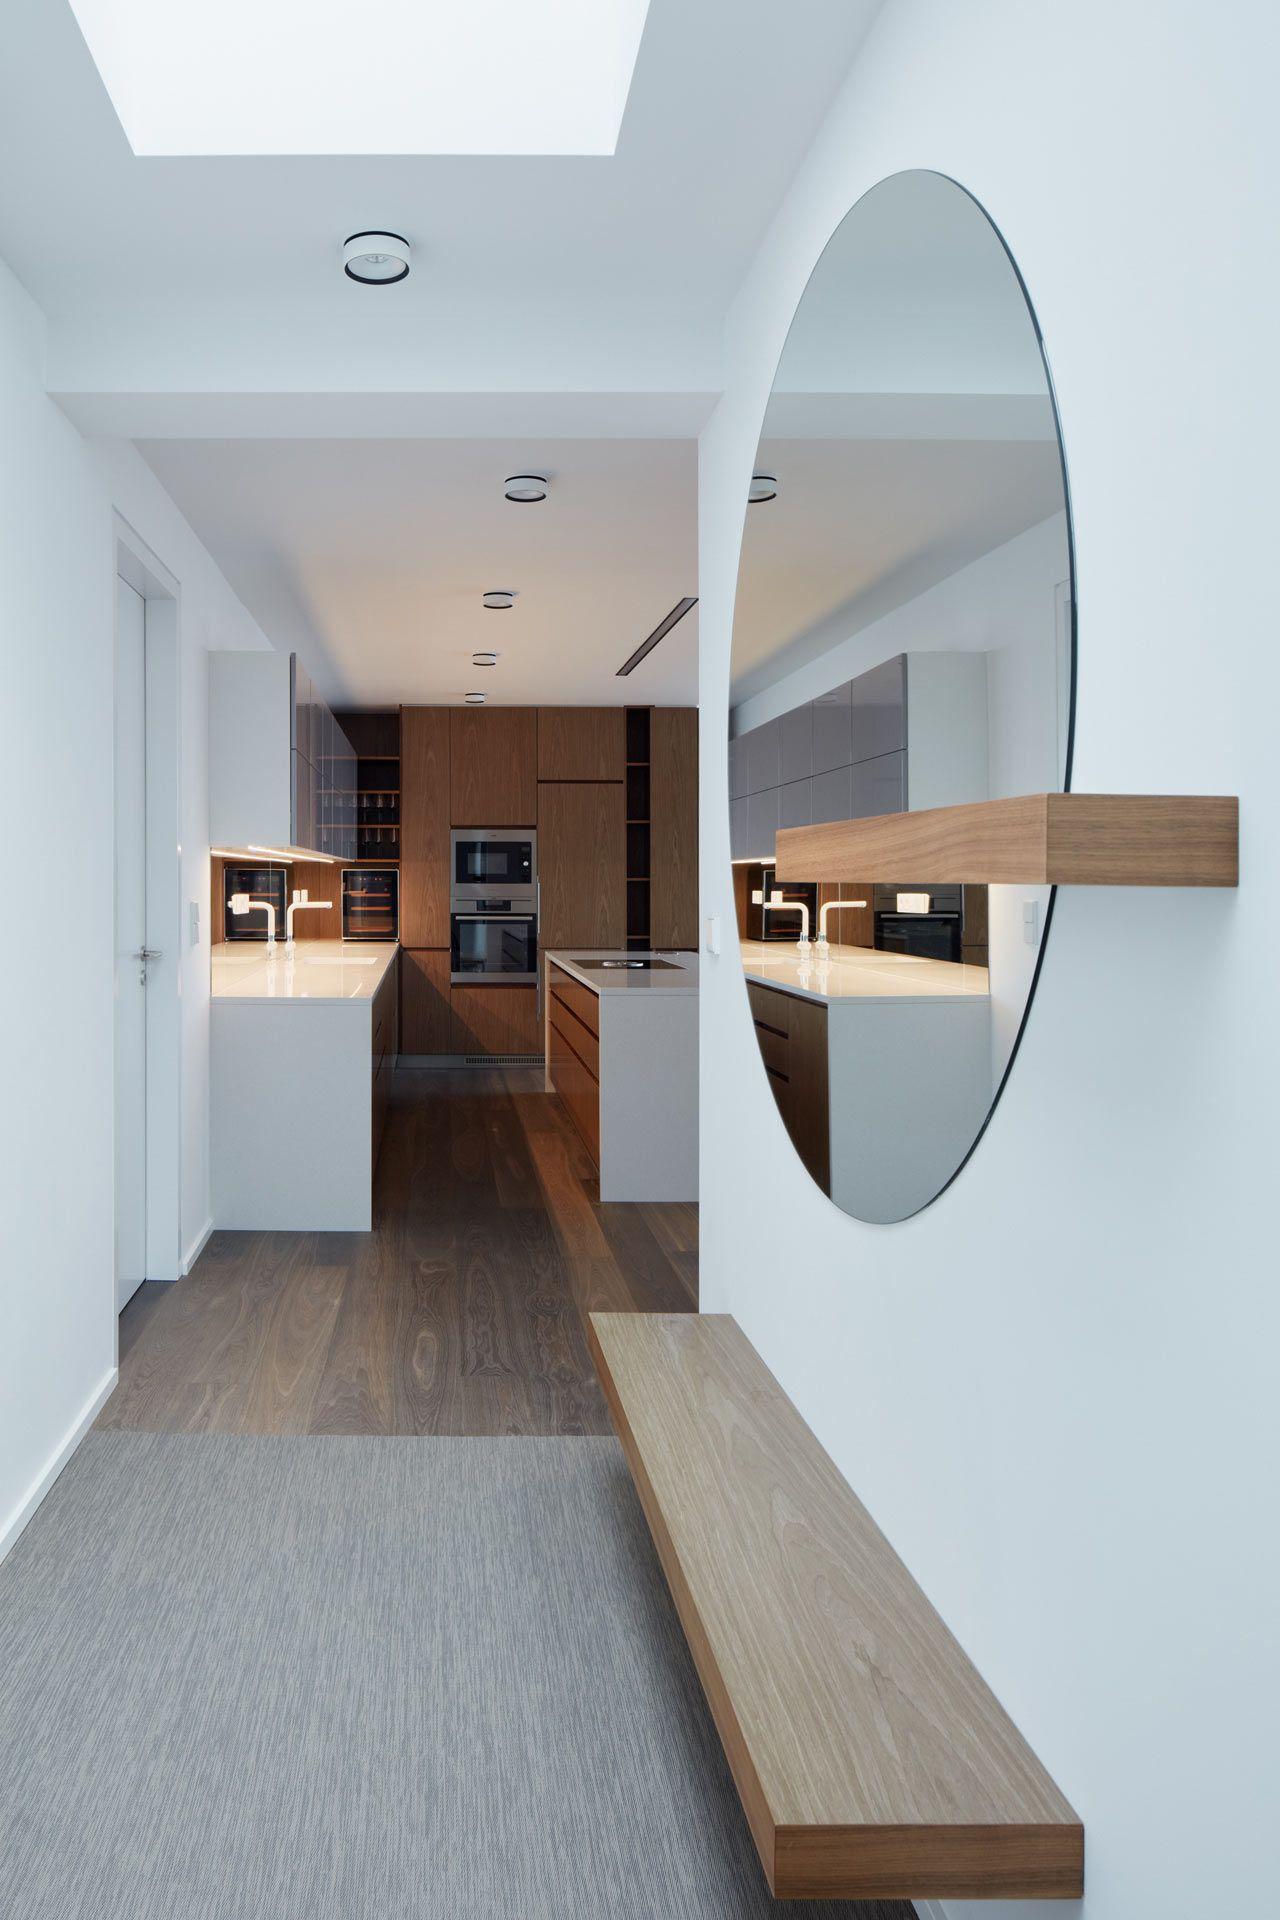 Penthouse F6.1 in Prague by Jana Hamrova of Objectum